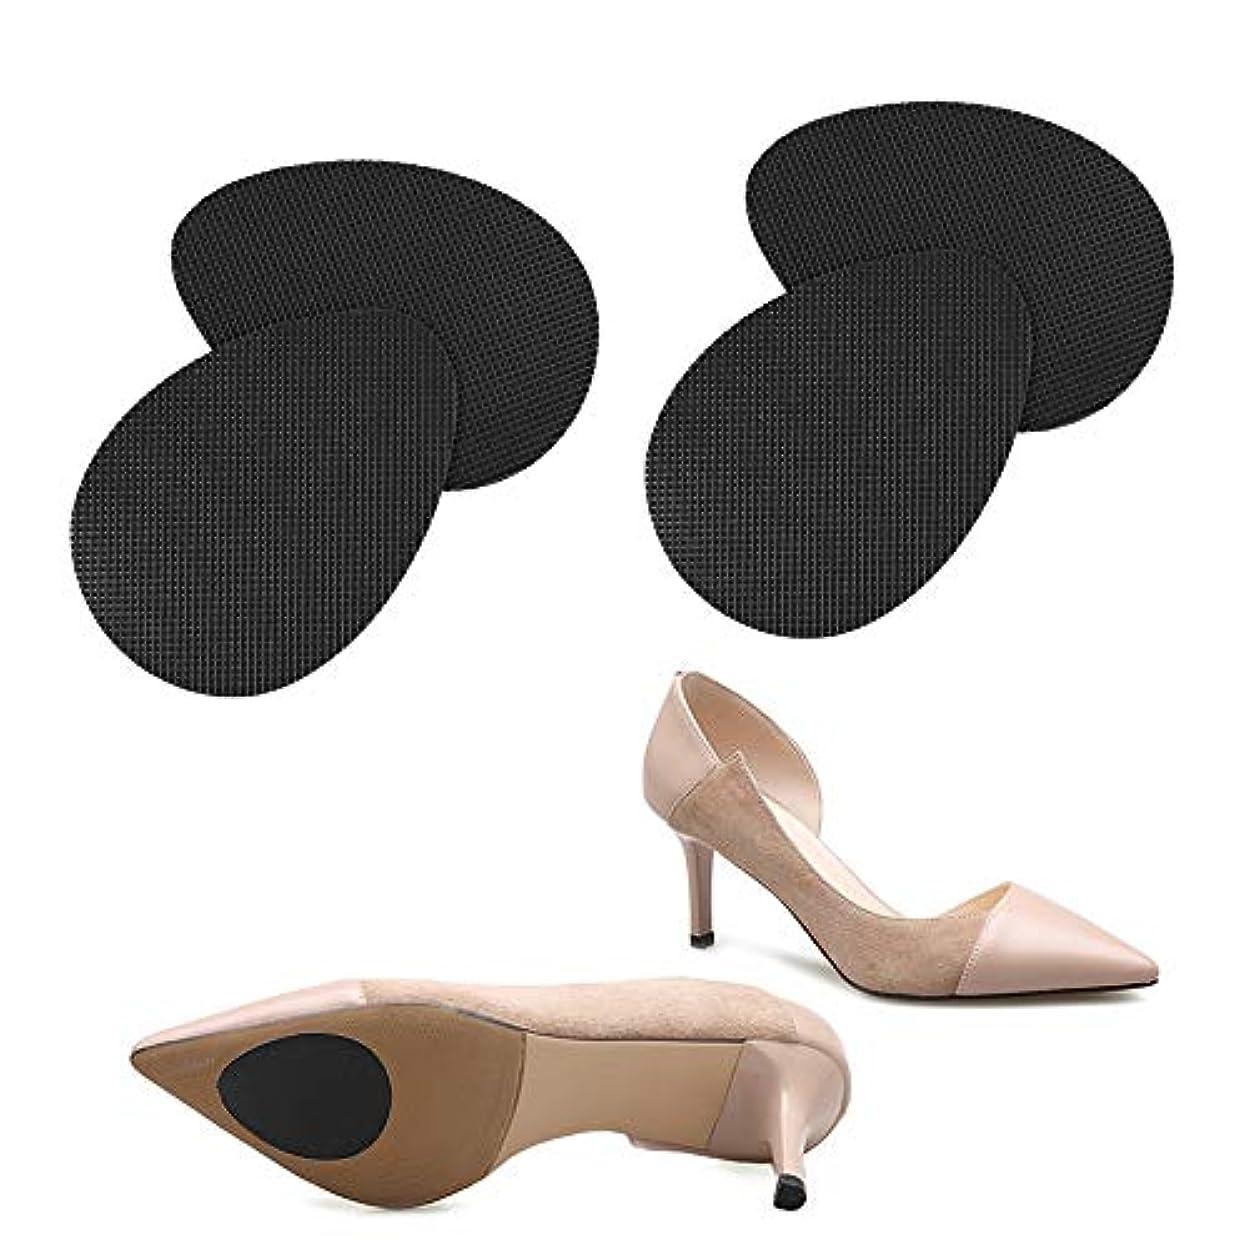 ヒロイックメールを書く敵意靴 滑り止め ステッカー,LINECY 【スリップガード】靴保護 シート つま先&かかと 靴底補修 滑り止め (2足4枚いり)